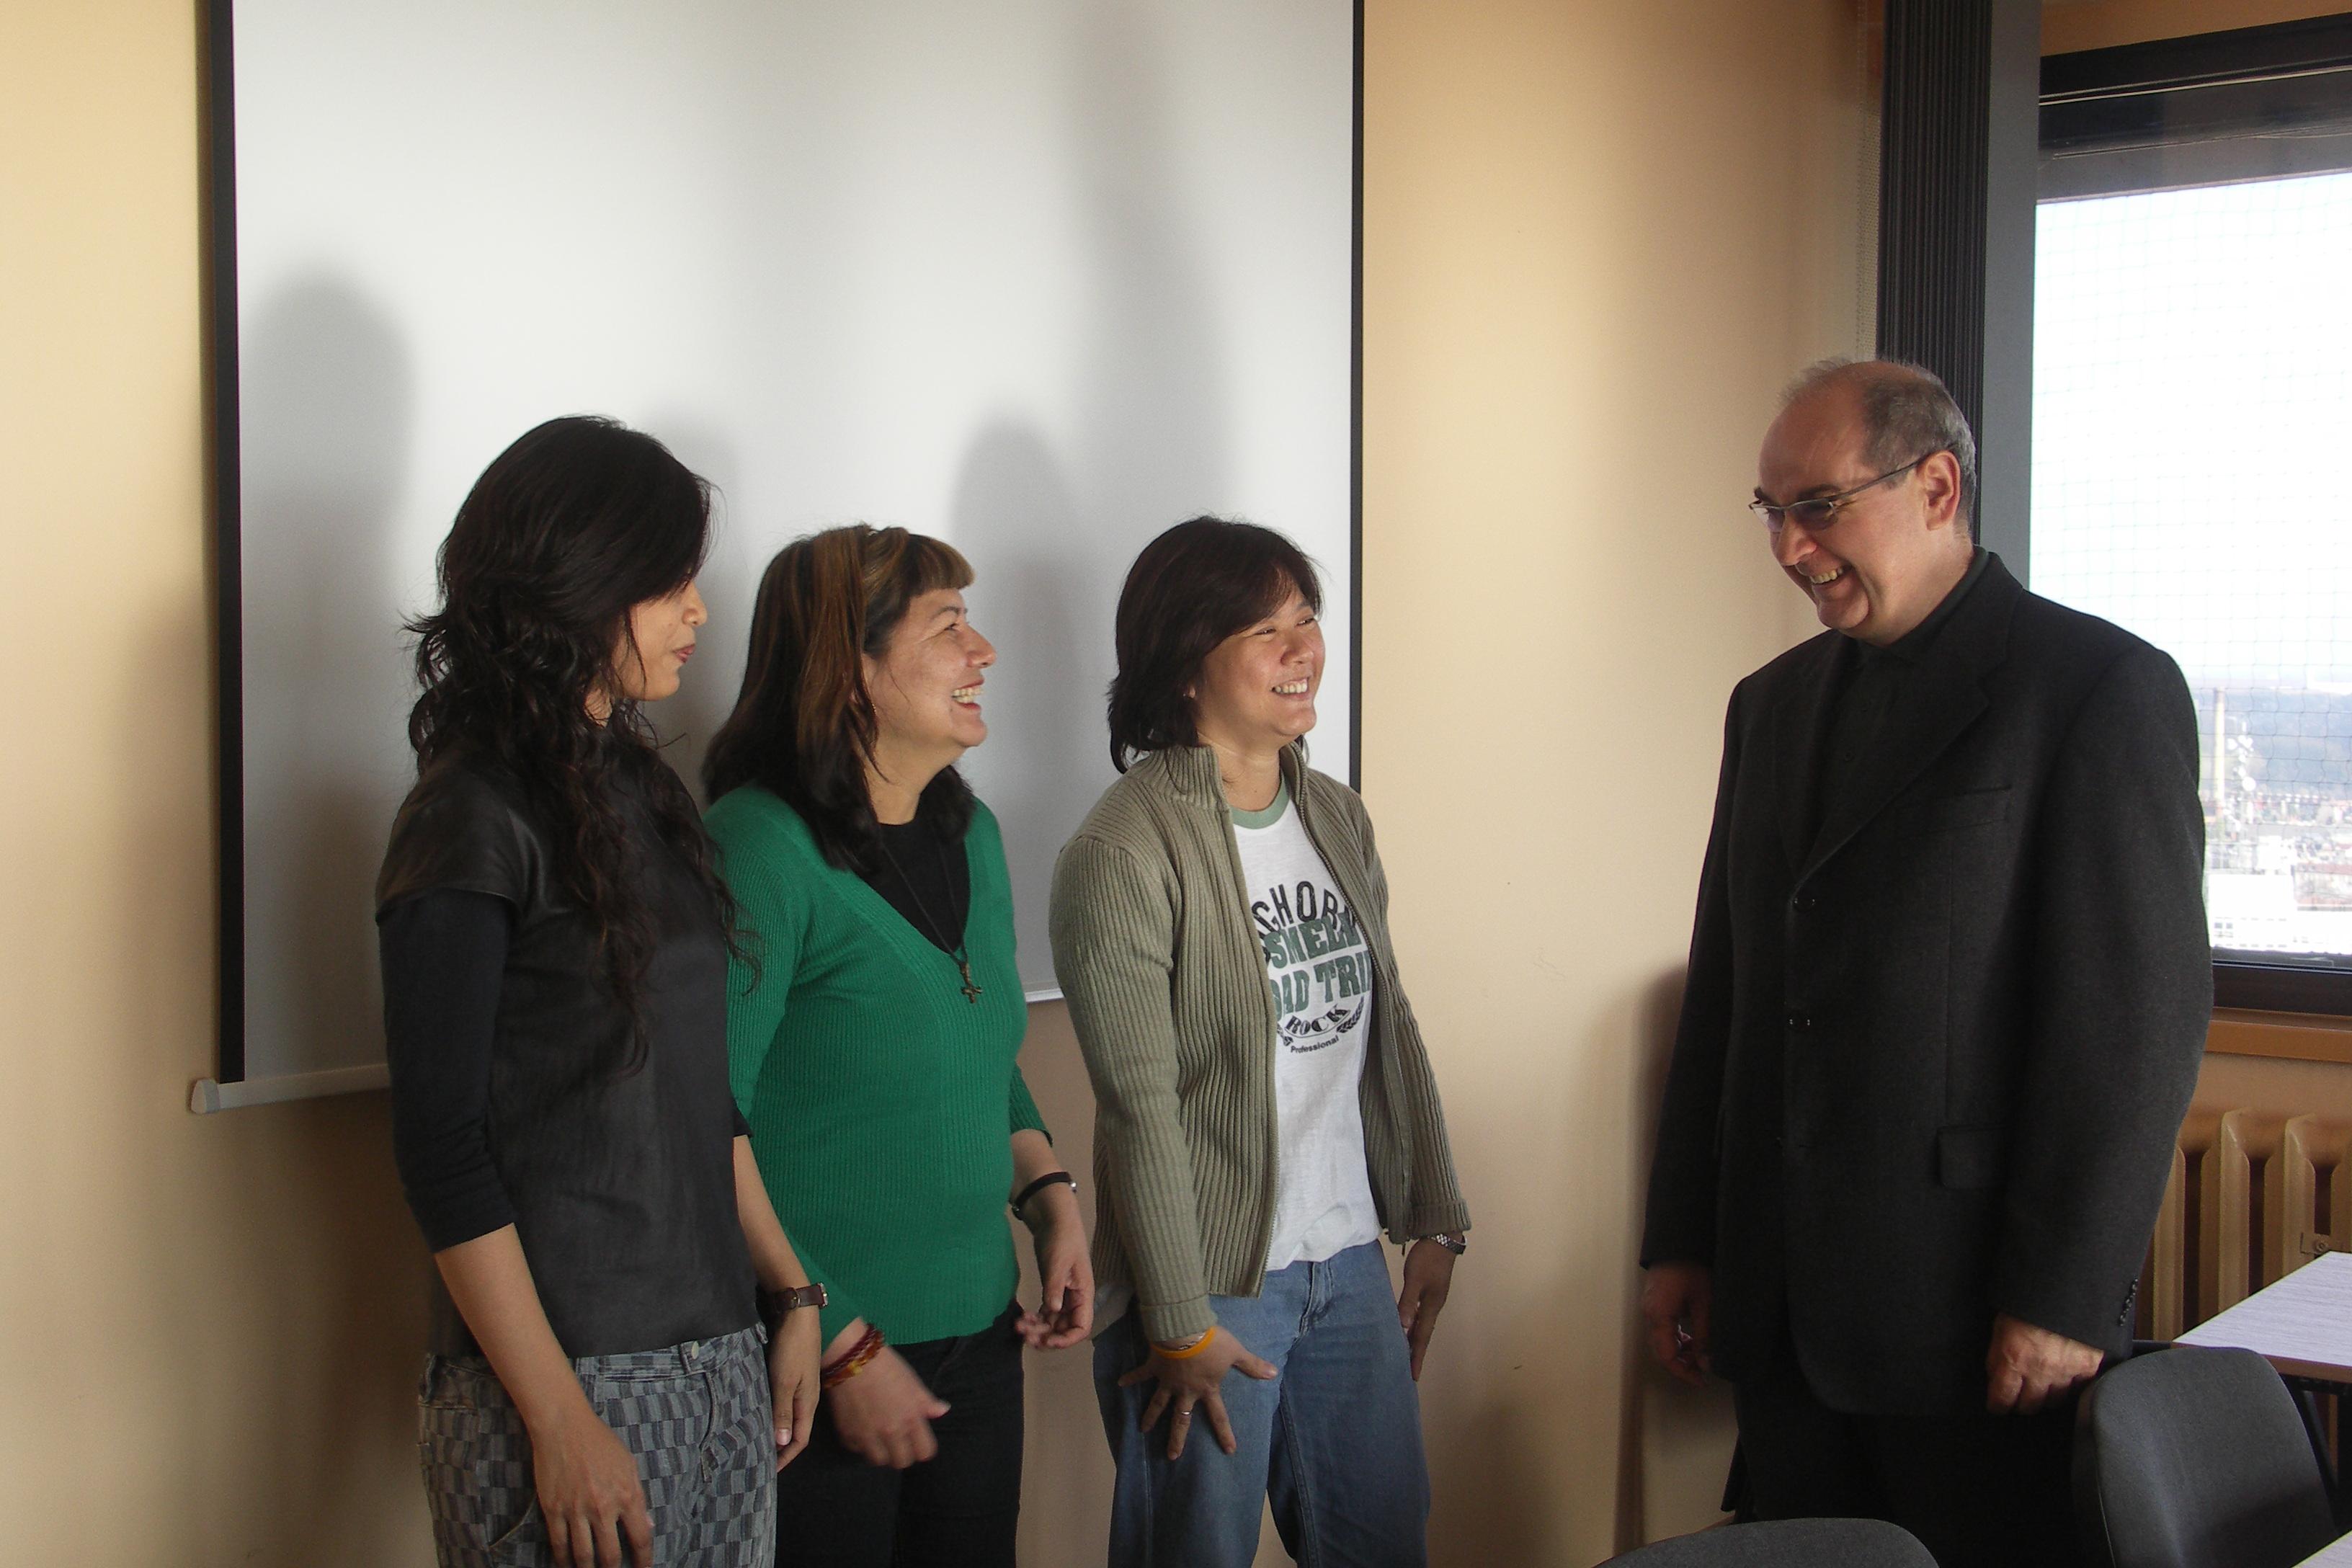 Doktorantki z Asian Institute of Technology z Tajlandi w KIE – projekt EastWeb (na zdjęciu od lewej: Thadthong Bhrammanee, Maria Vargas-Vera, Ajaree Naco, prof. Witold Abramowicz)